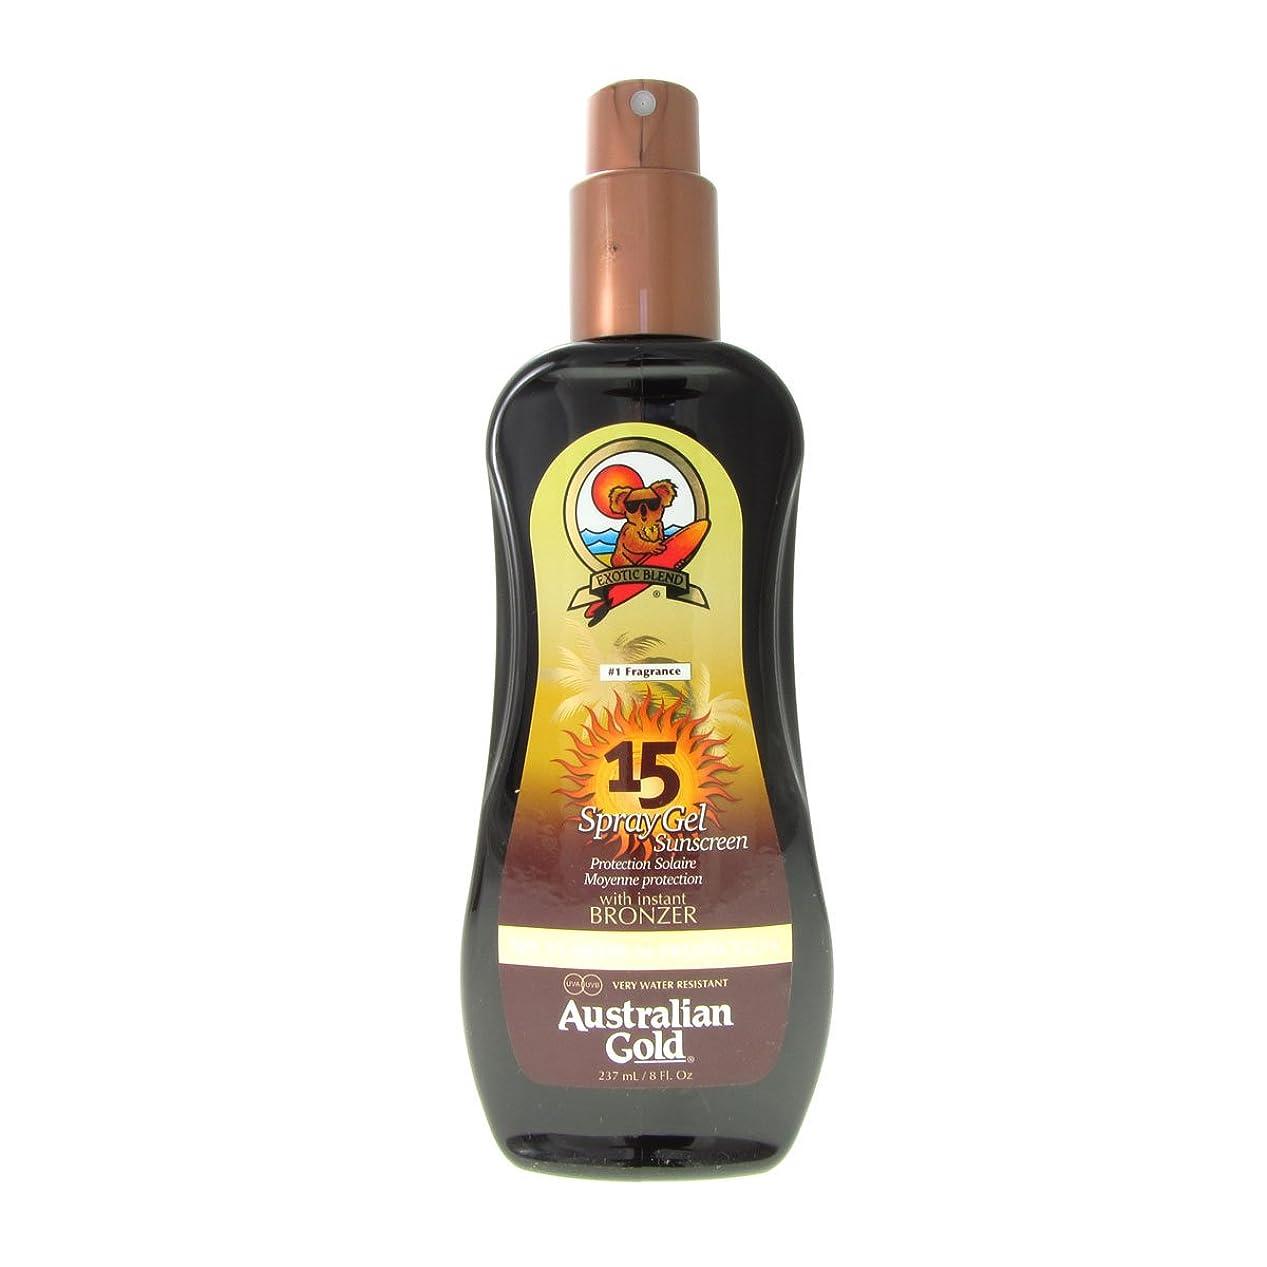 震え殺人者発明するAustralian Gold Spray Gel Spf15 Instant Bronzer 237ml [並行輸入品]